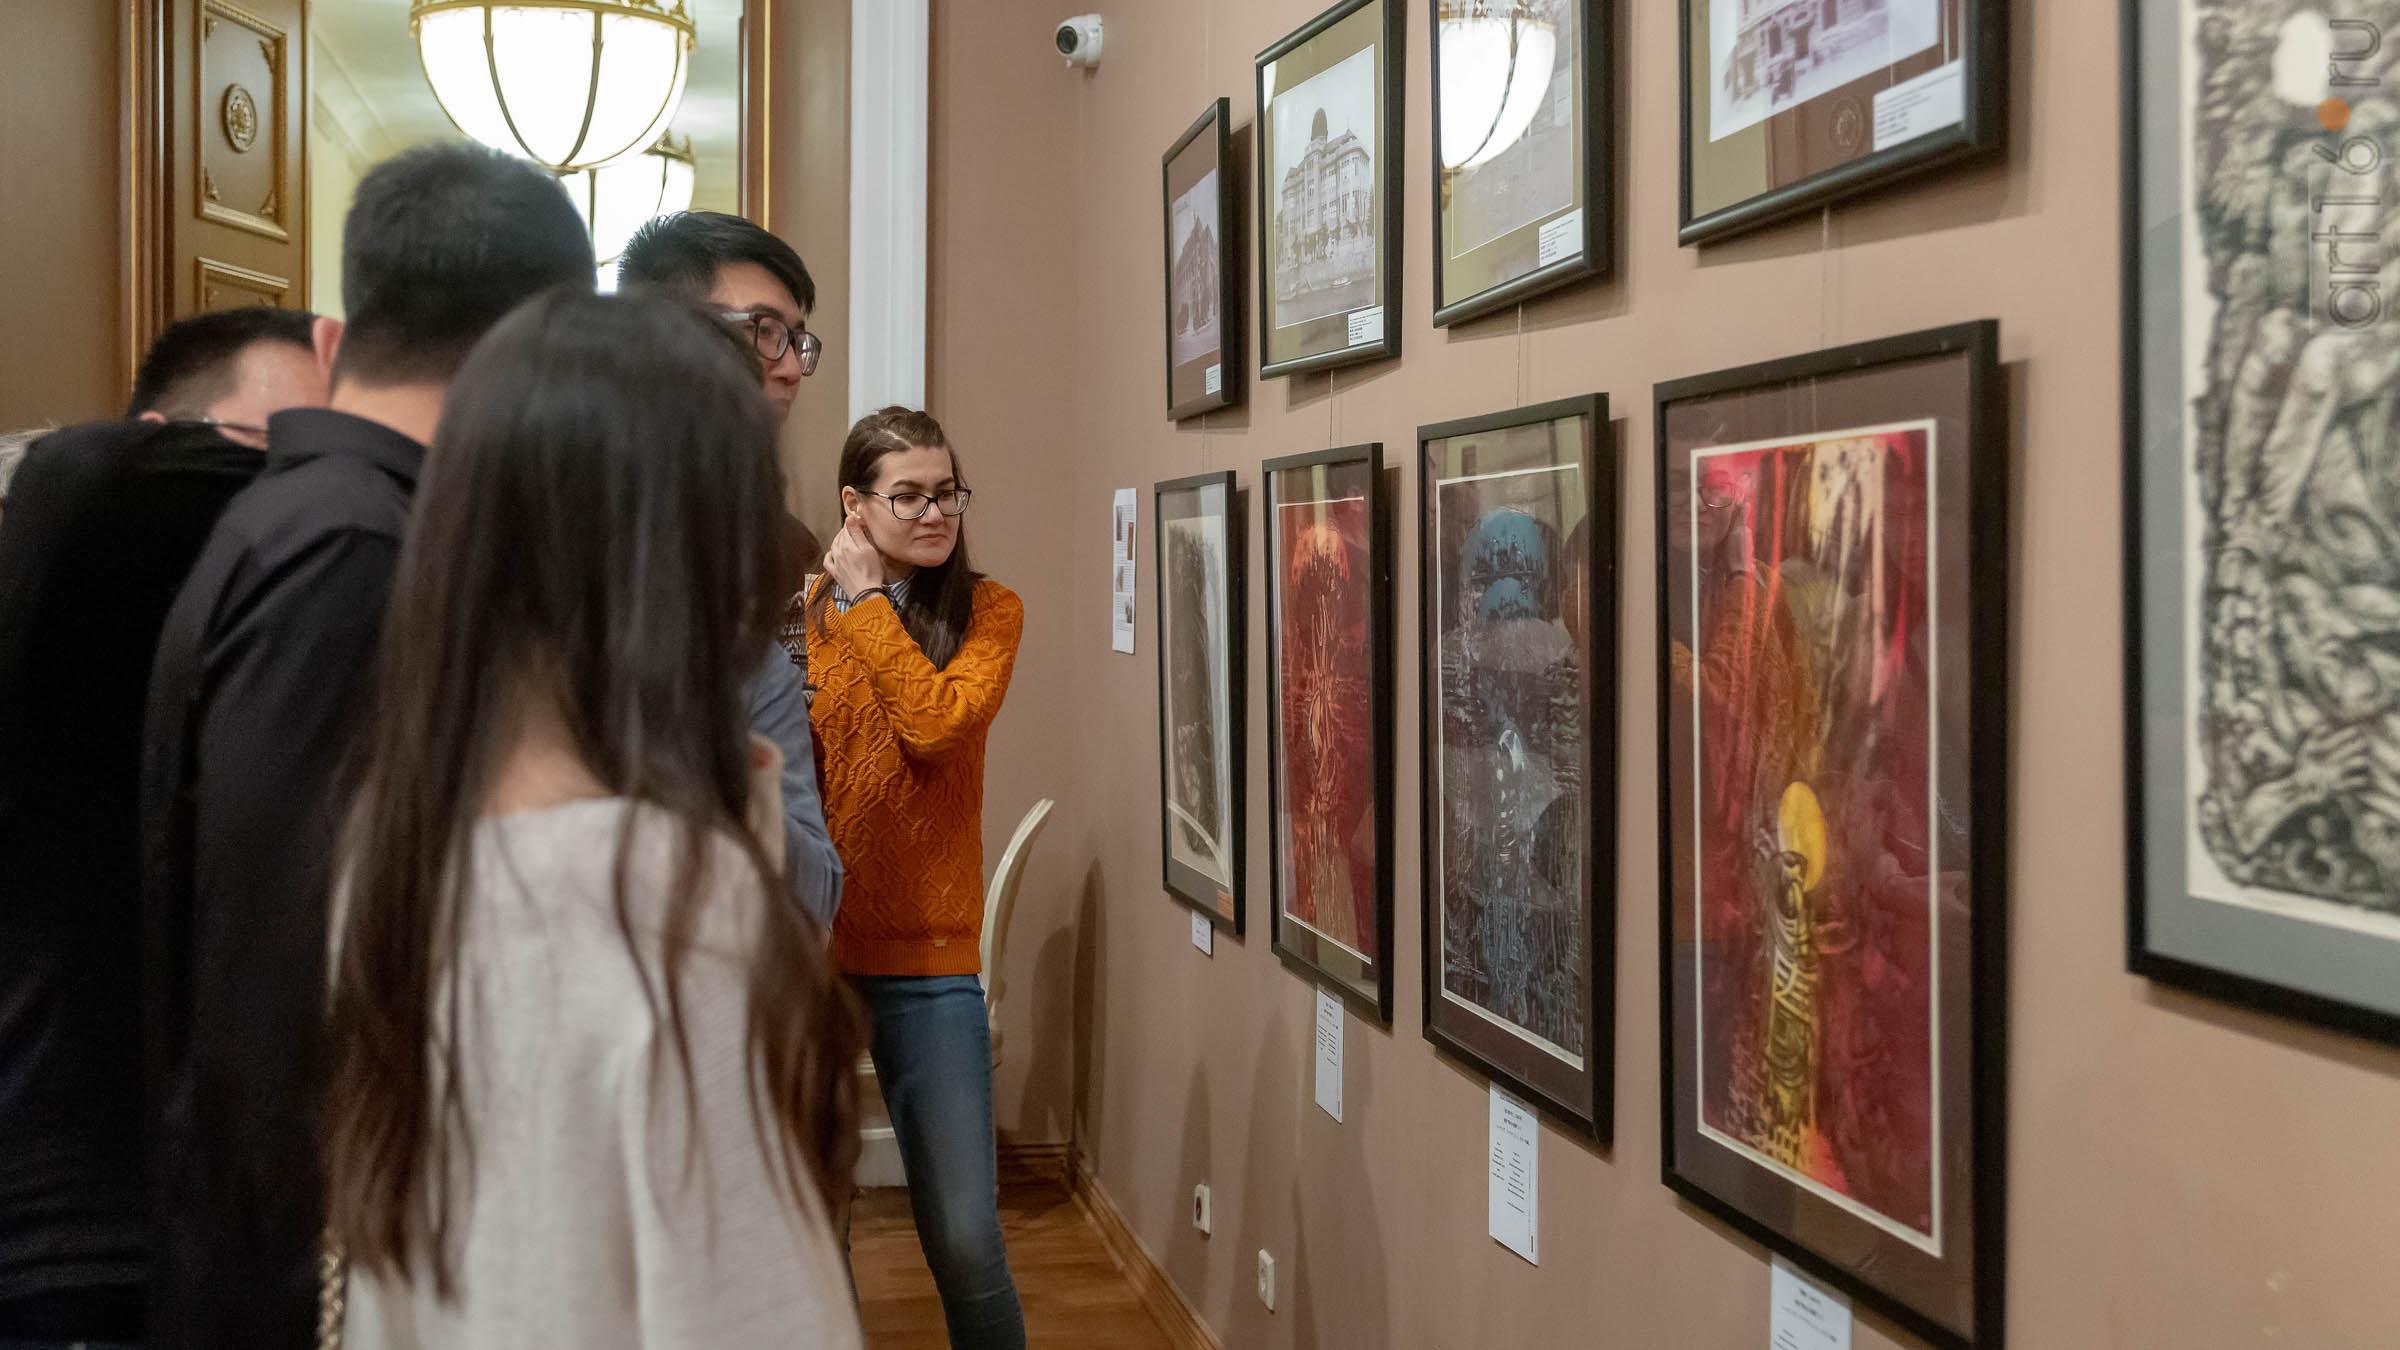 В экспозиции выставки Н.Альмеева «Шум времени»::03.04.2019 Надир Альмеев «Шум времени»